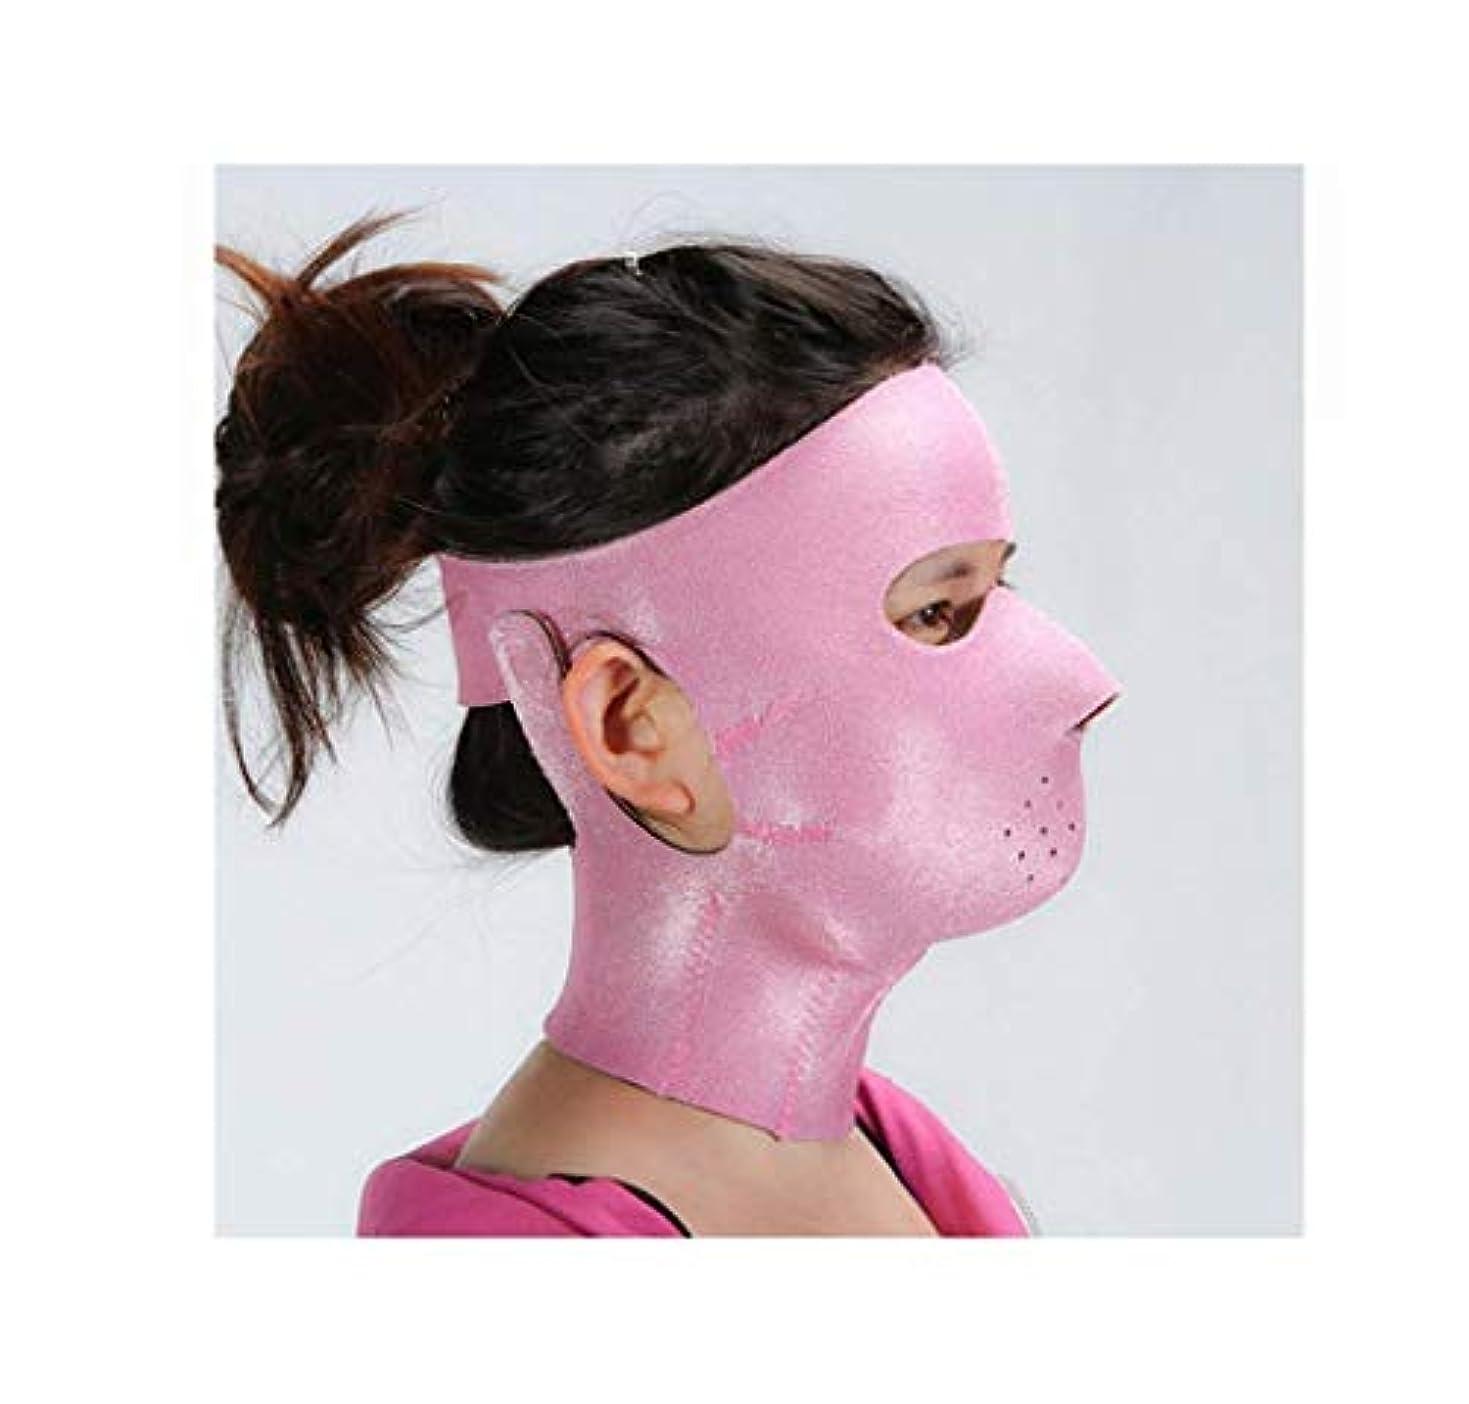 大通りハブブ方程式フェイスリフトマスク、フェイシャルマスクプラス薄いフェイスマスクタイトなたるみの薄いフェイスマスクフェイシャル薄いフェイスマスクアーティファクトビューティーネックストラップ付き